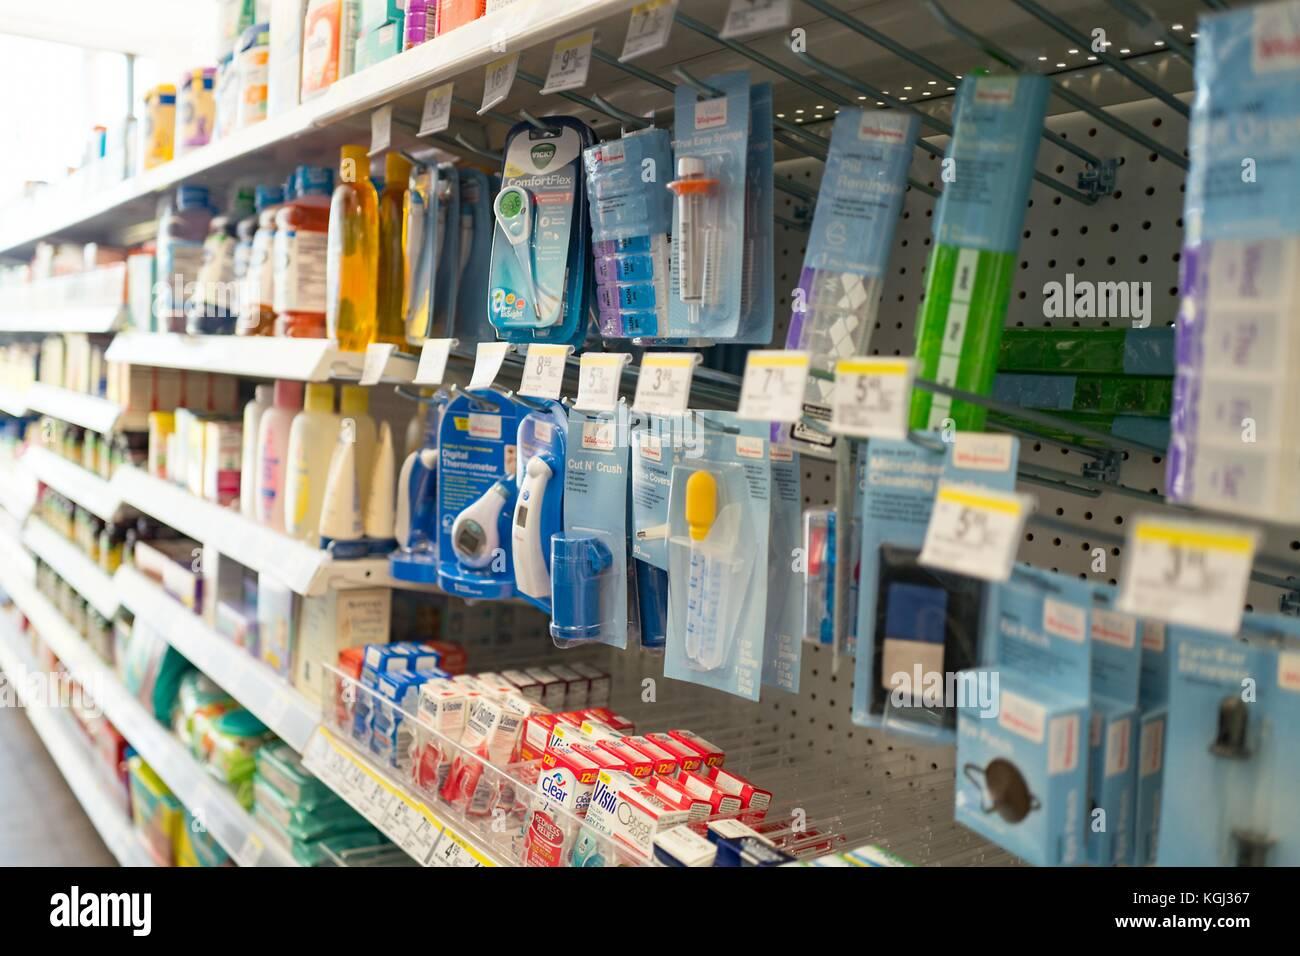 Medical Supplies Stock Photos & Medical Supplies Stock